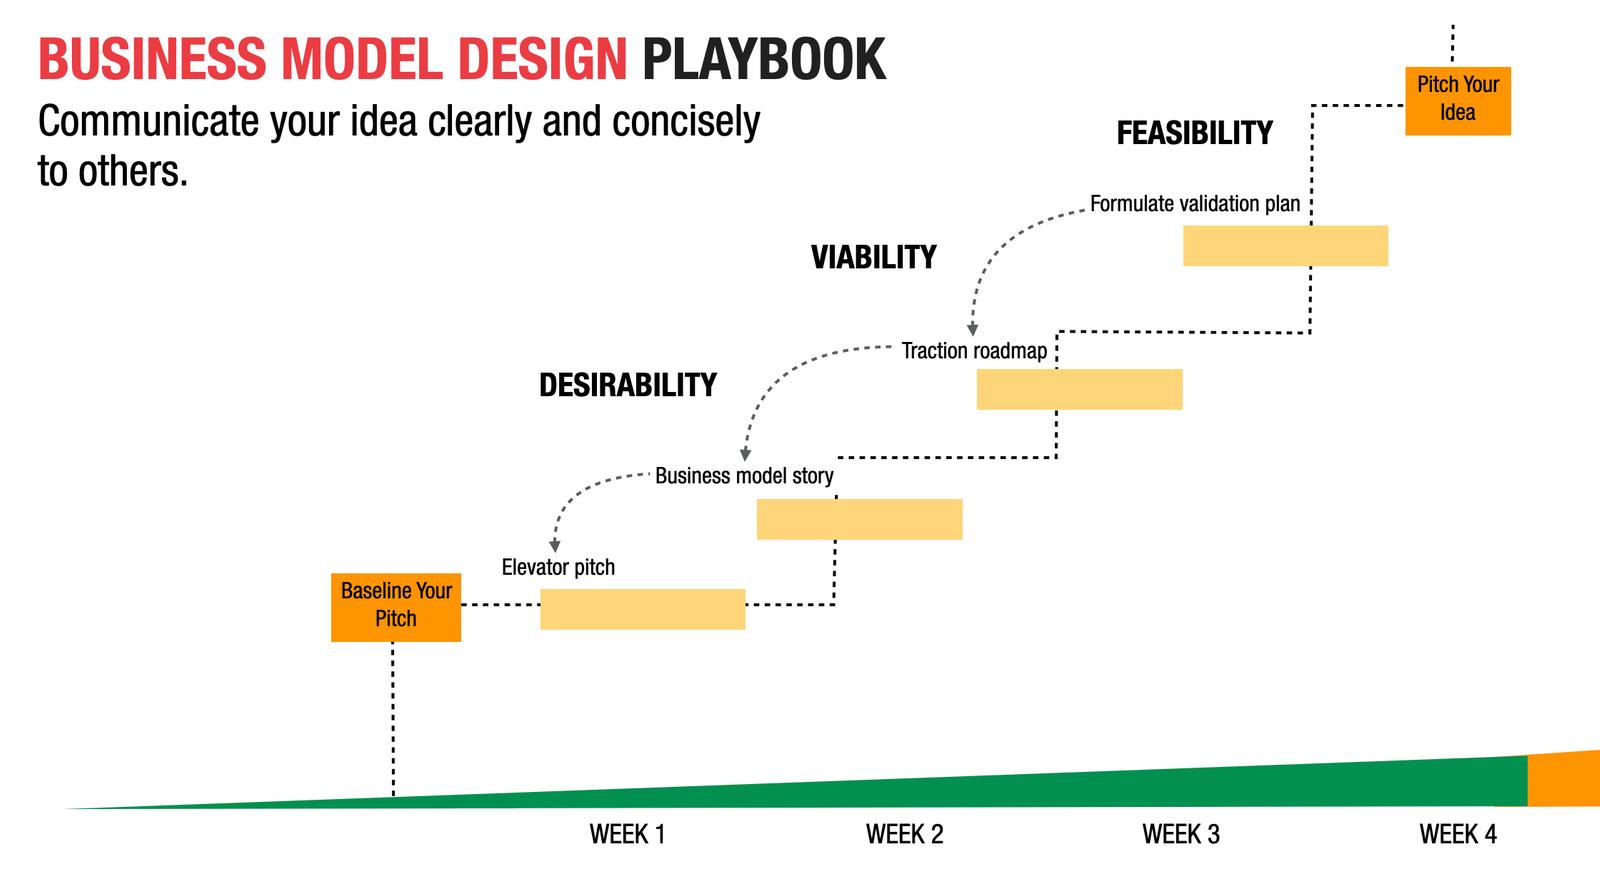 Buniness Model Design Playbook